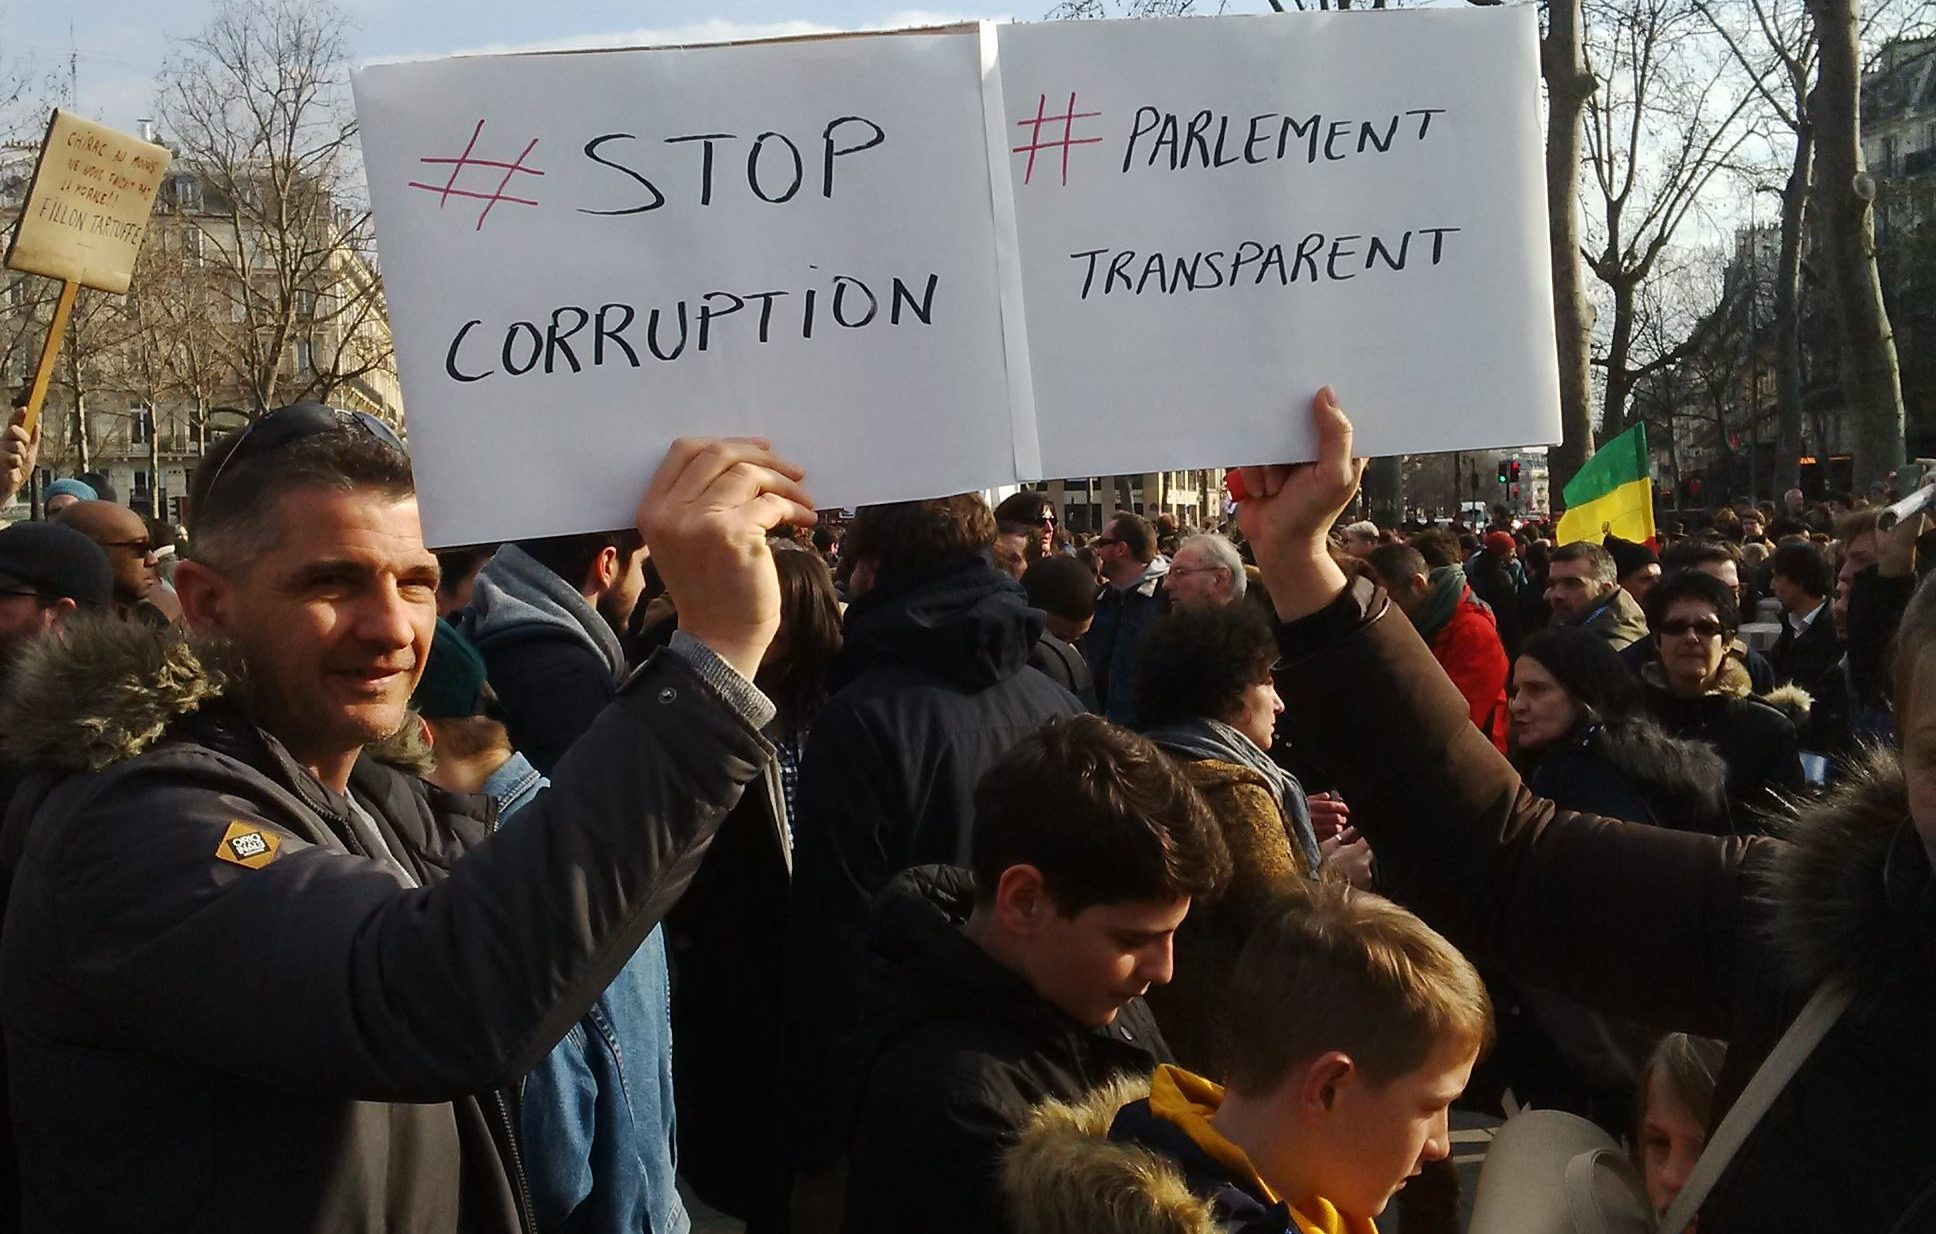 #StopCorruption: La Transparence Est L'affaire De Tous Les Français